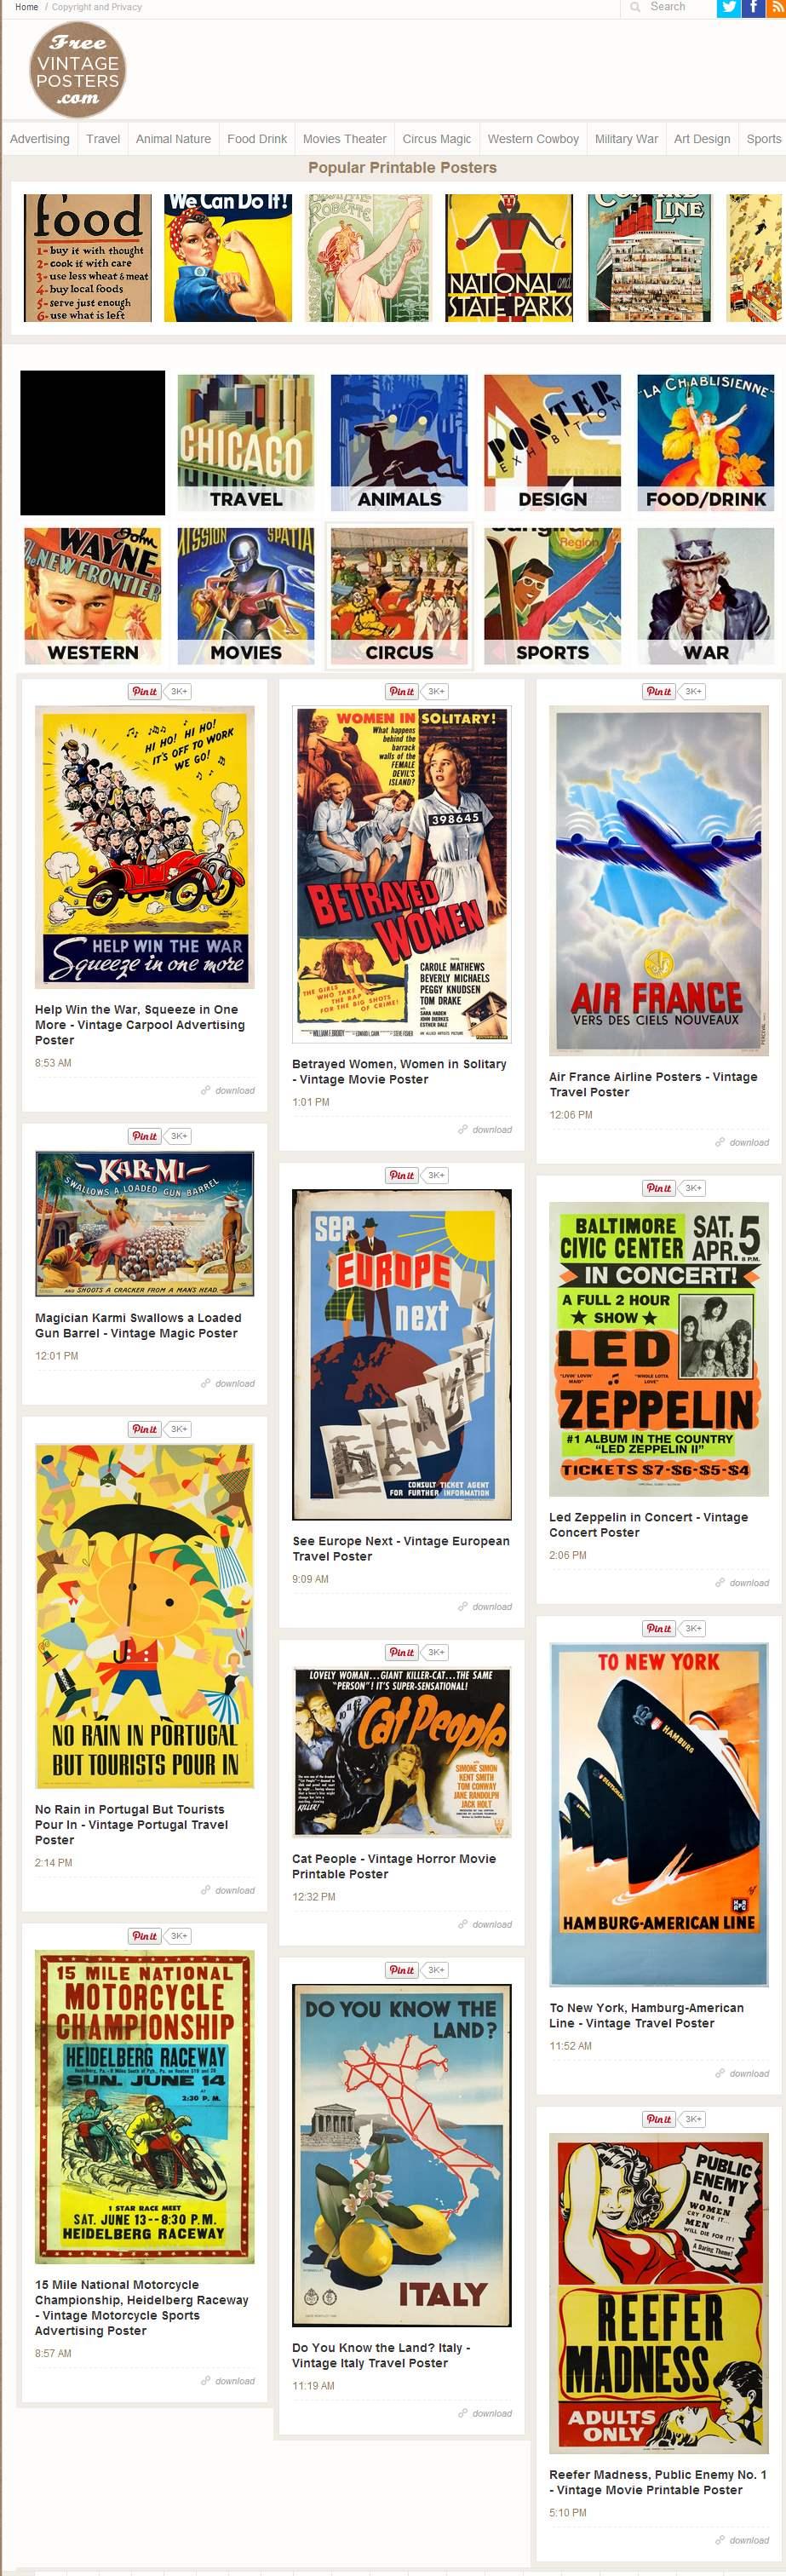 Un site d'affiches à télécharger, Free Vintage Posters